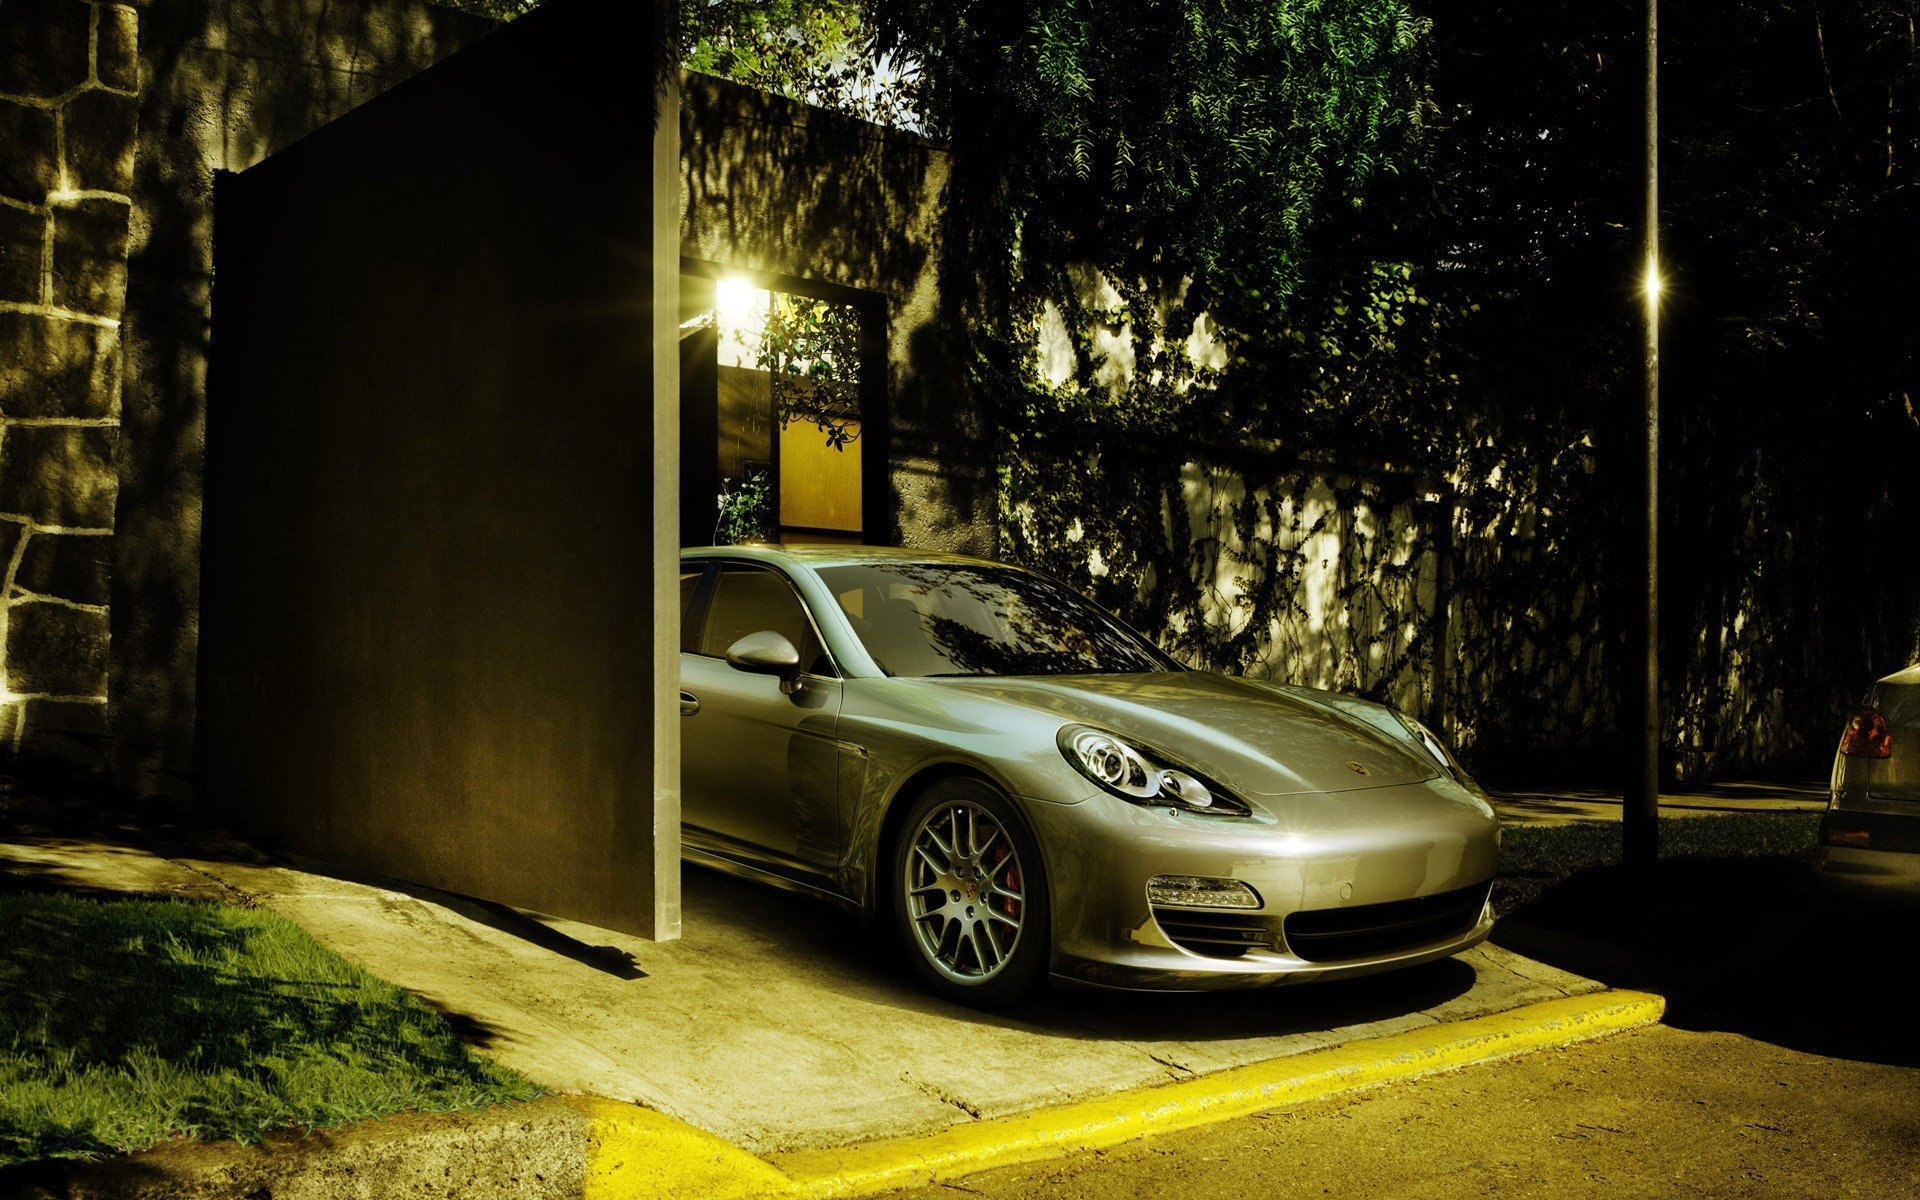 27864 скачать обои Транспорт, Машины, Порш (Porsche) - заставки и картинки бесплатно